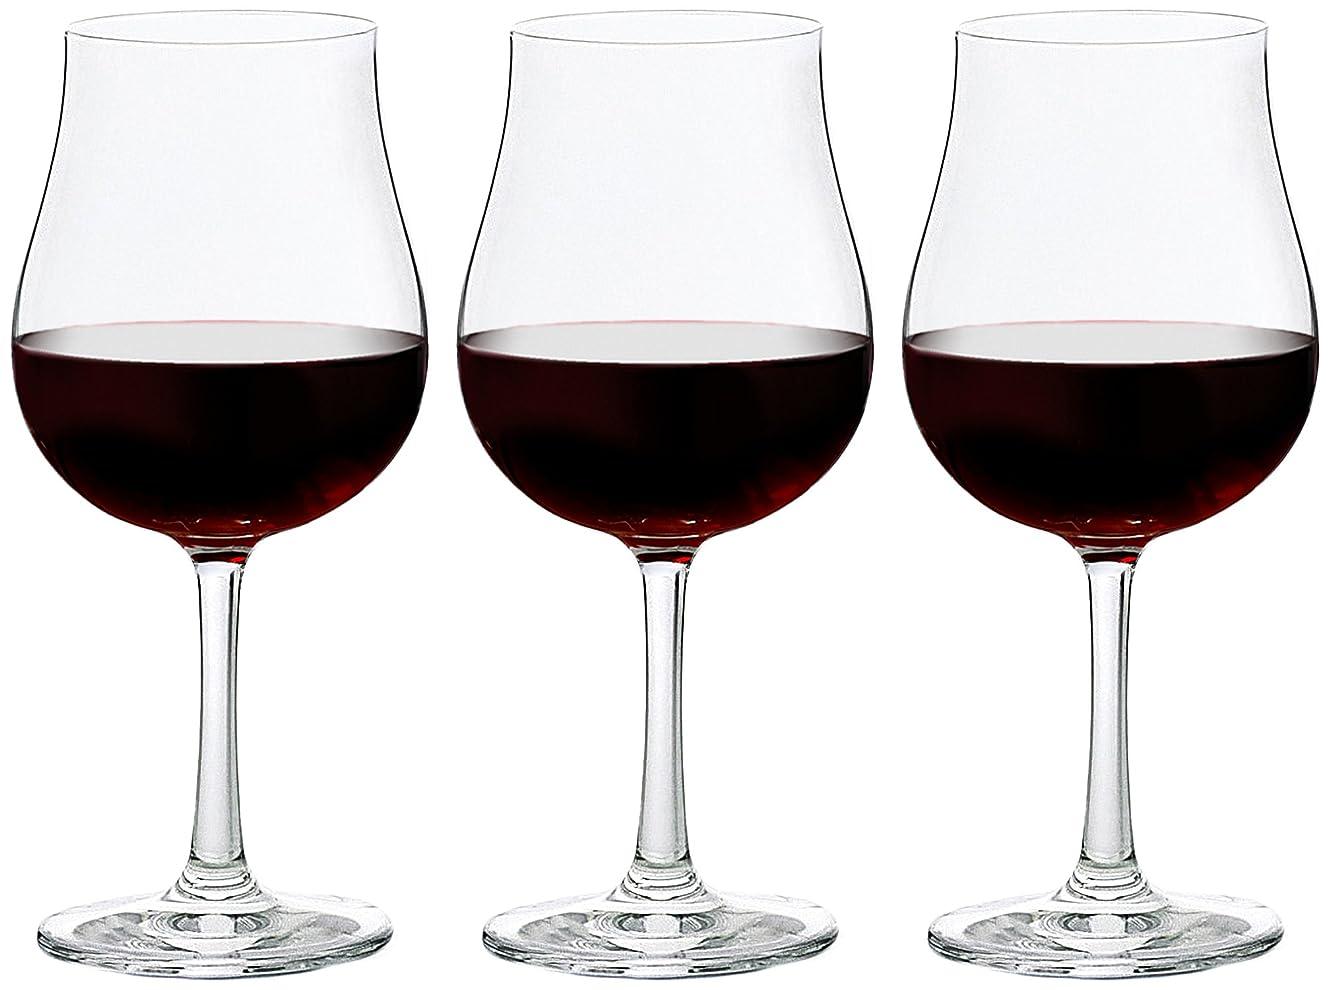 フロンティアノート言い換えるとアデリア ワイングラス 300ml 口部強化 プロローグ ブルゴーニュ 3個セット 日本製 L-6738